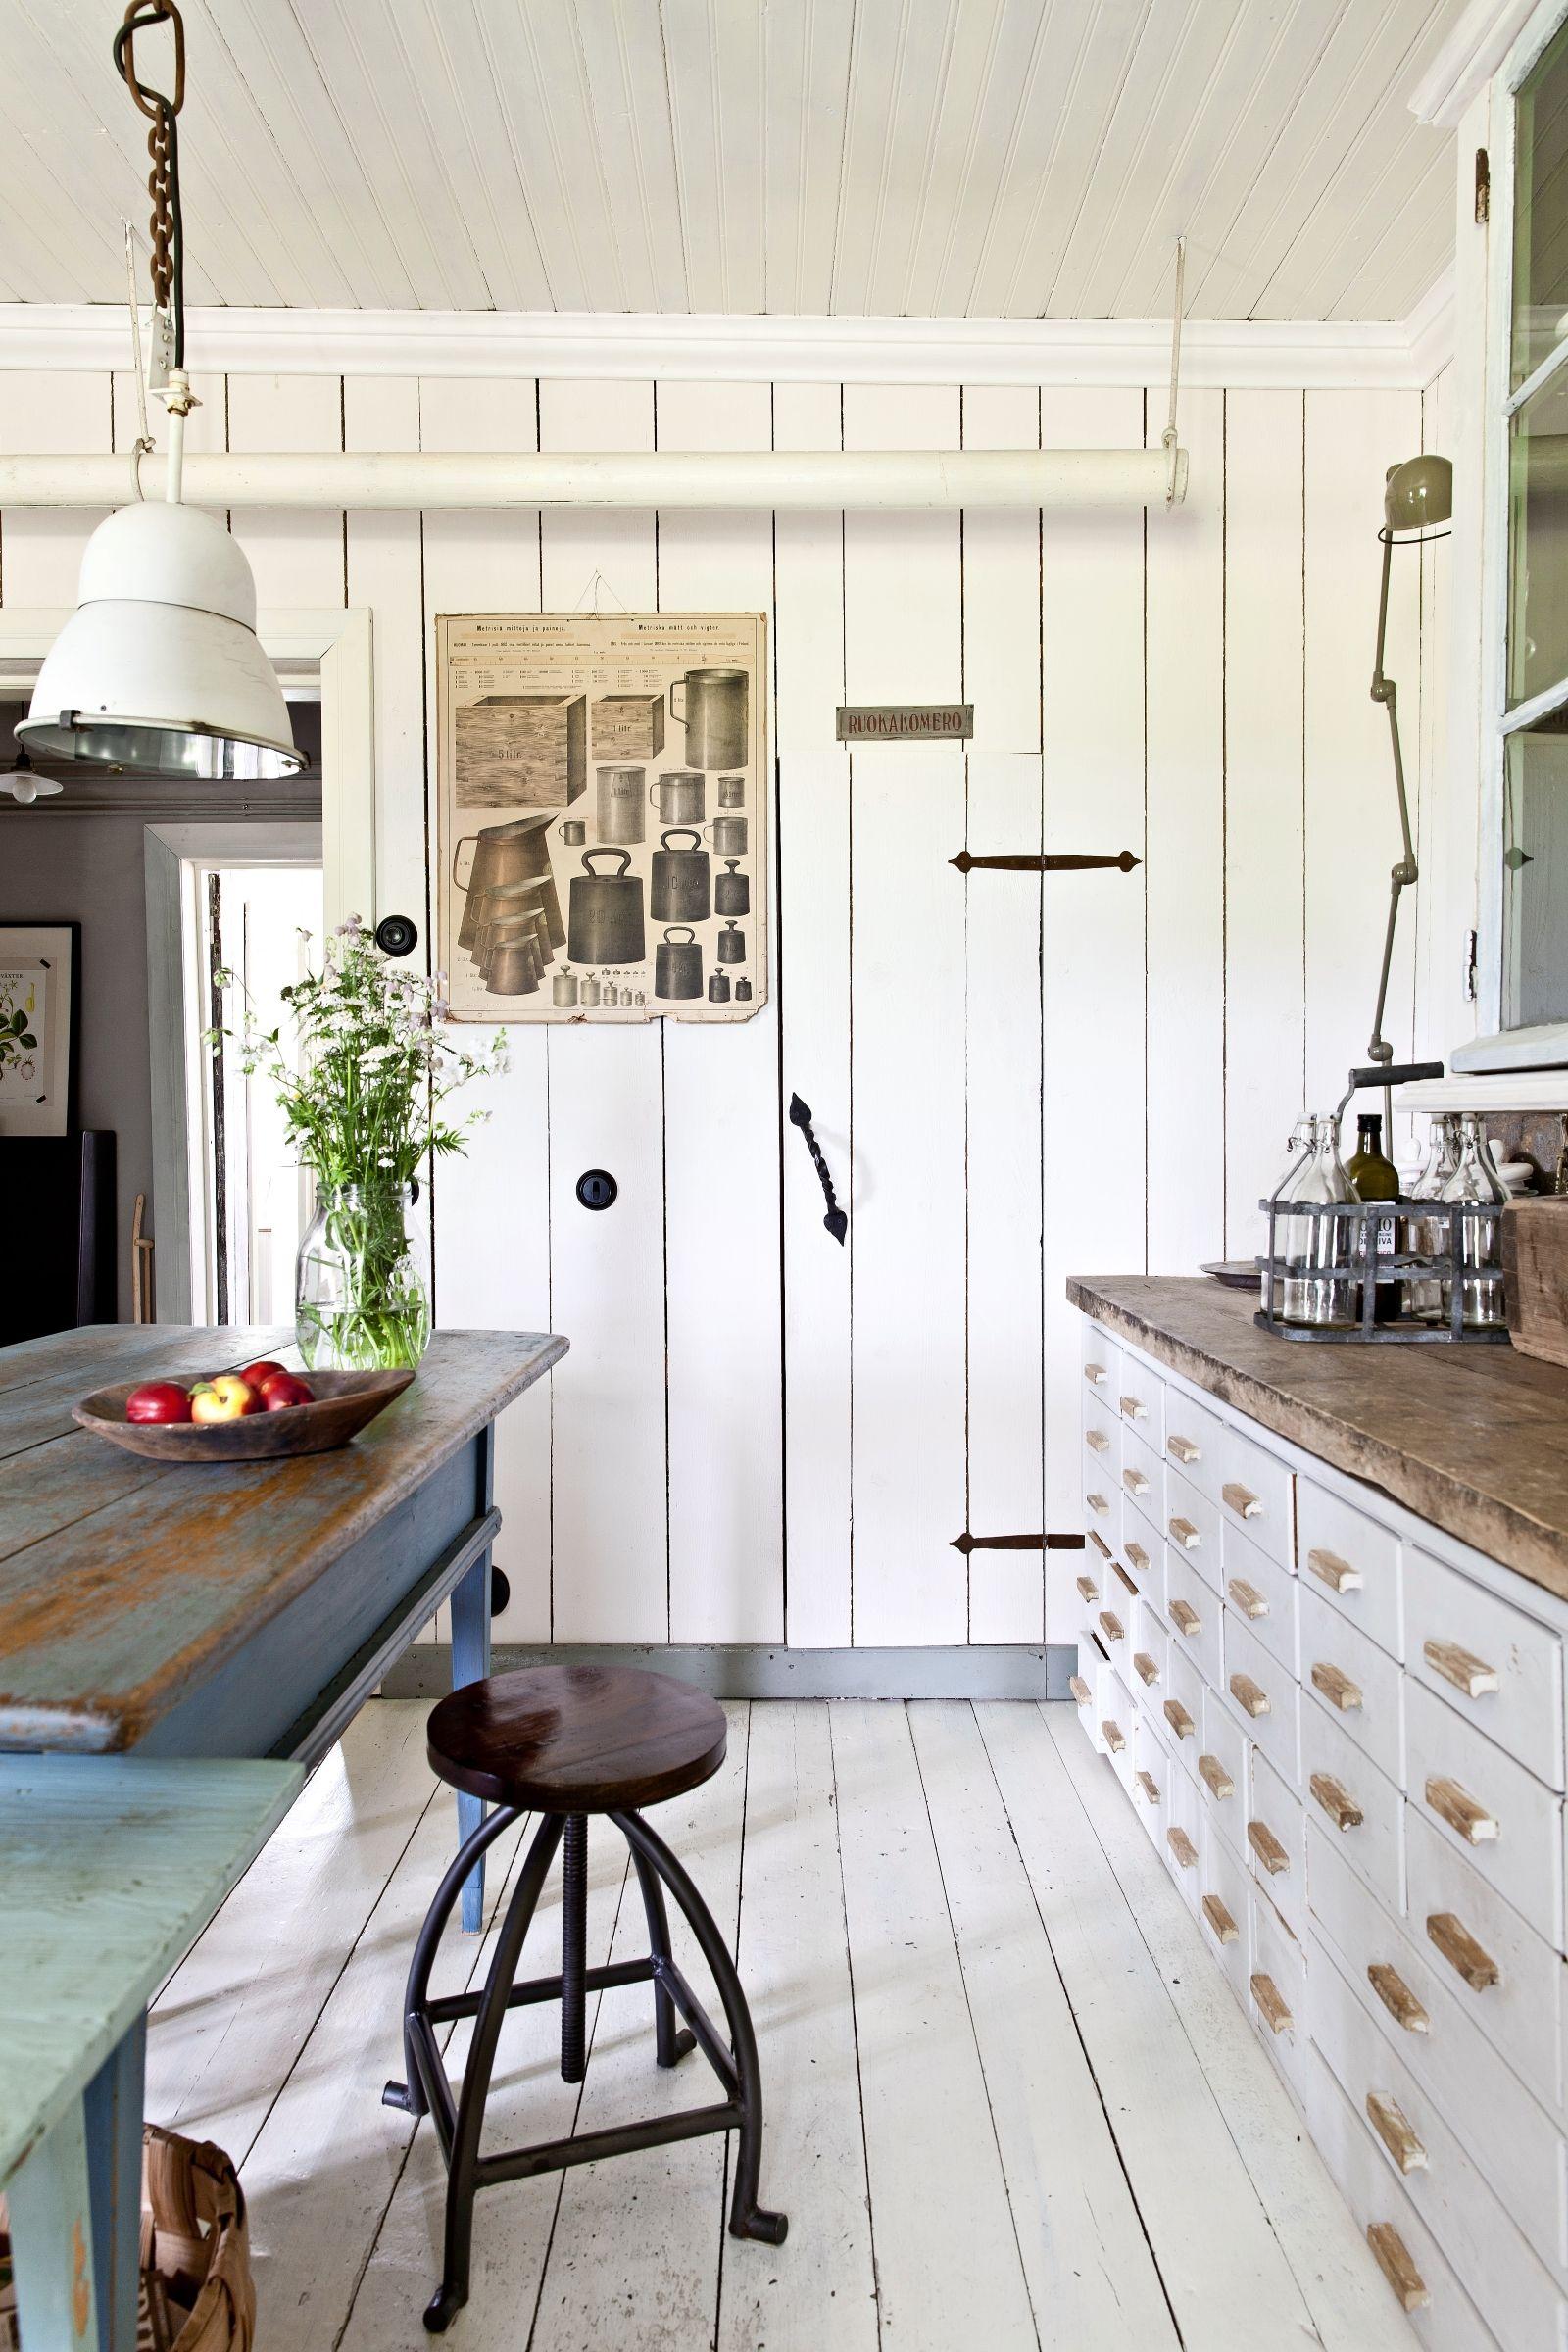 Vanhan talon valkoinen kirppislöydöillä kalustettu keittiö